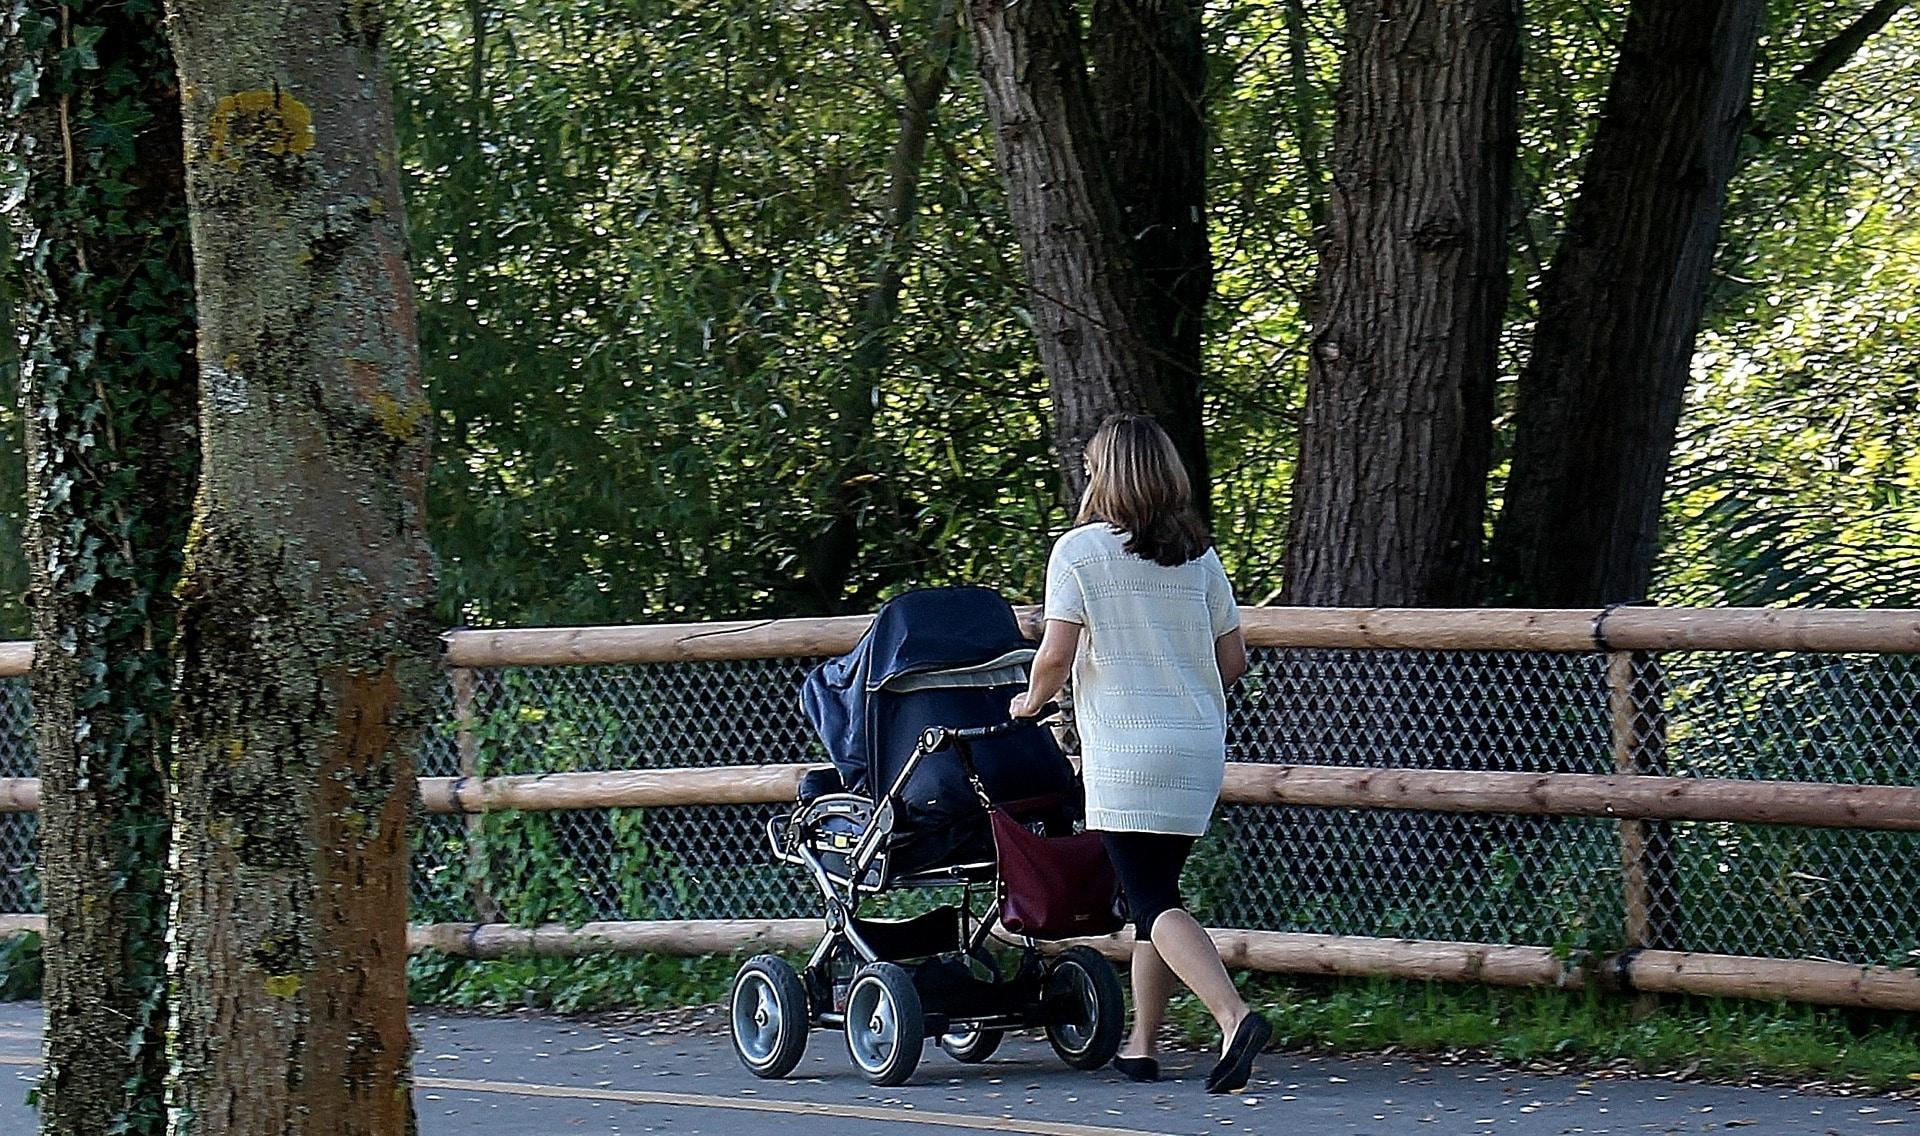 Dlouhé procházky s kočárkem jsou ideální formou pohybu / pixabay.com